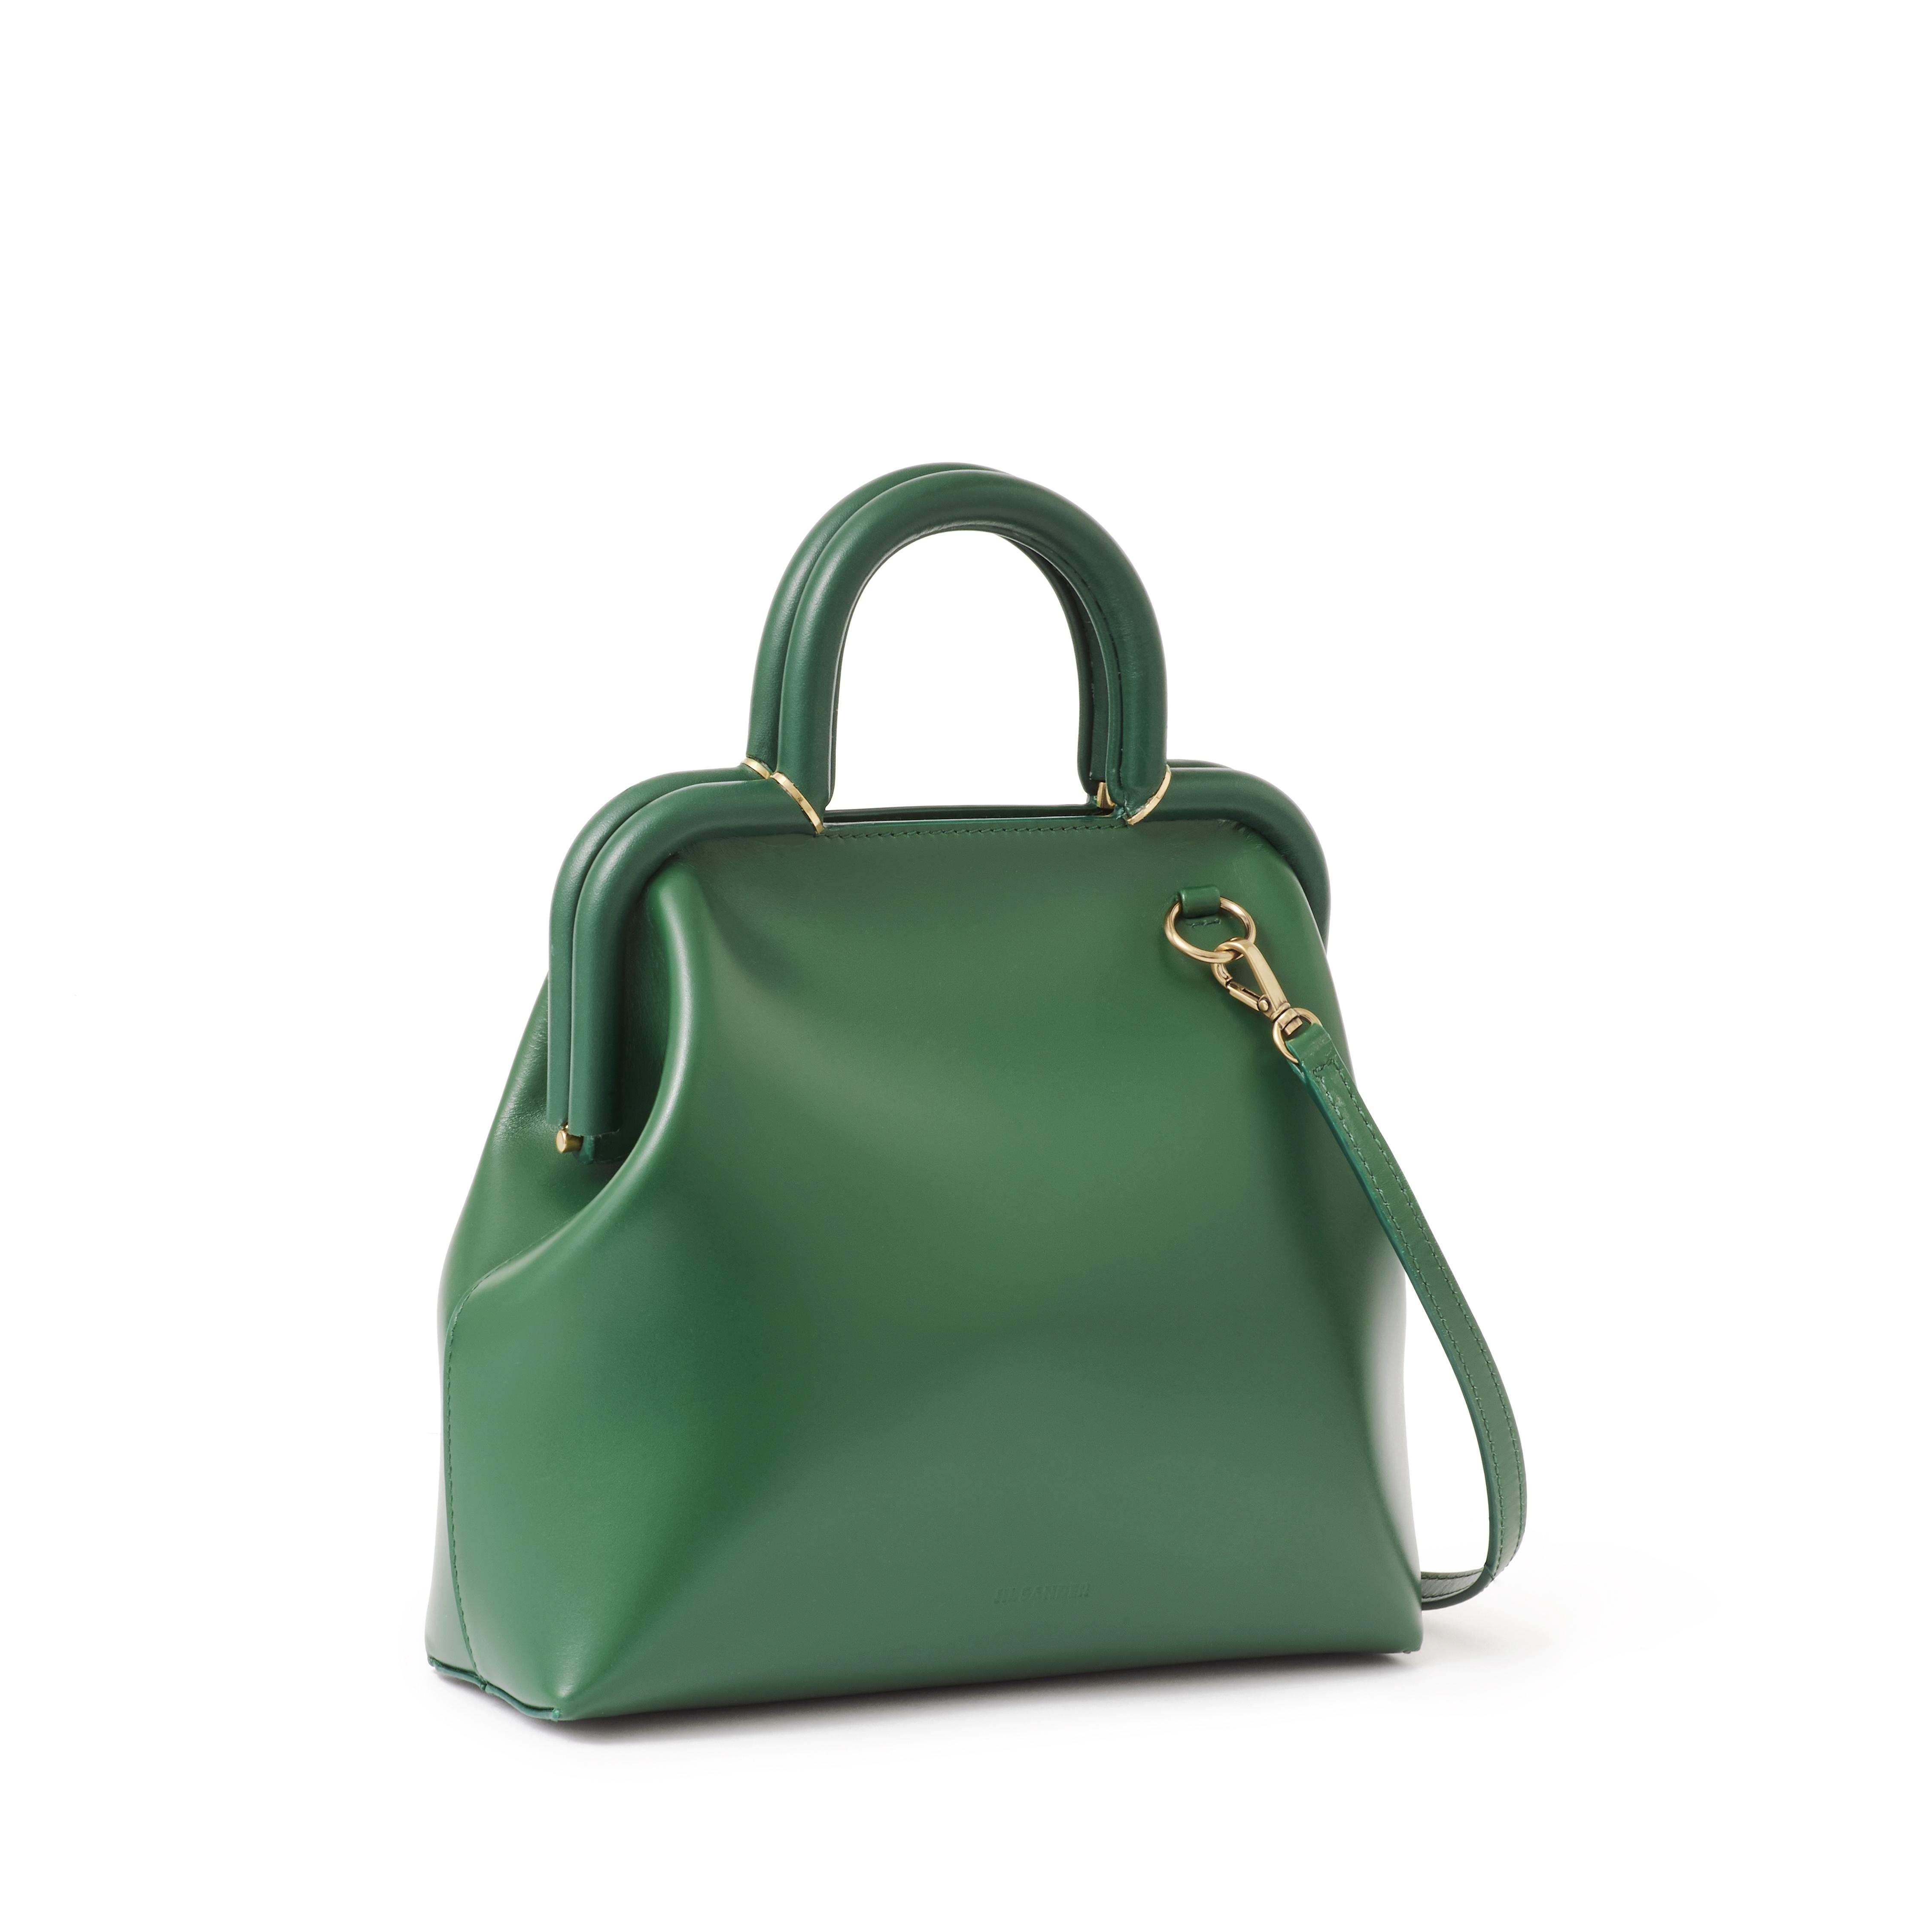 Jil Sander - Clover Bag